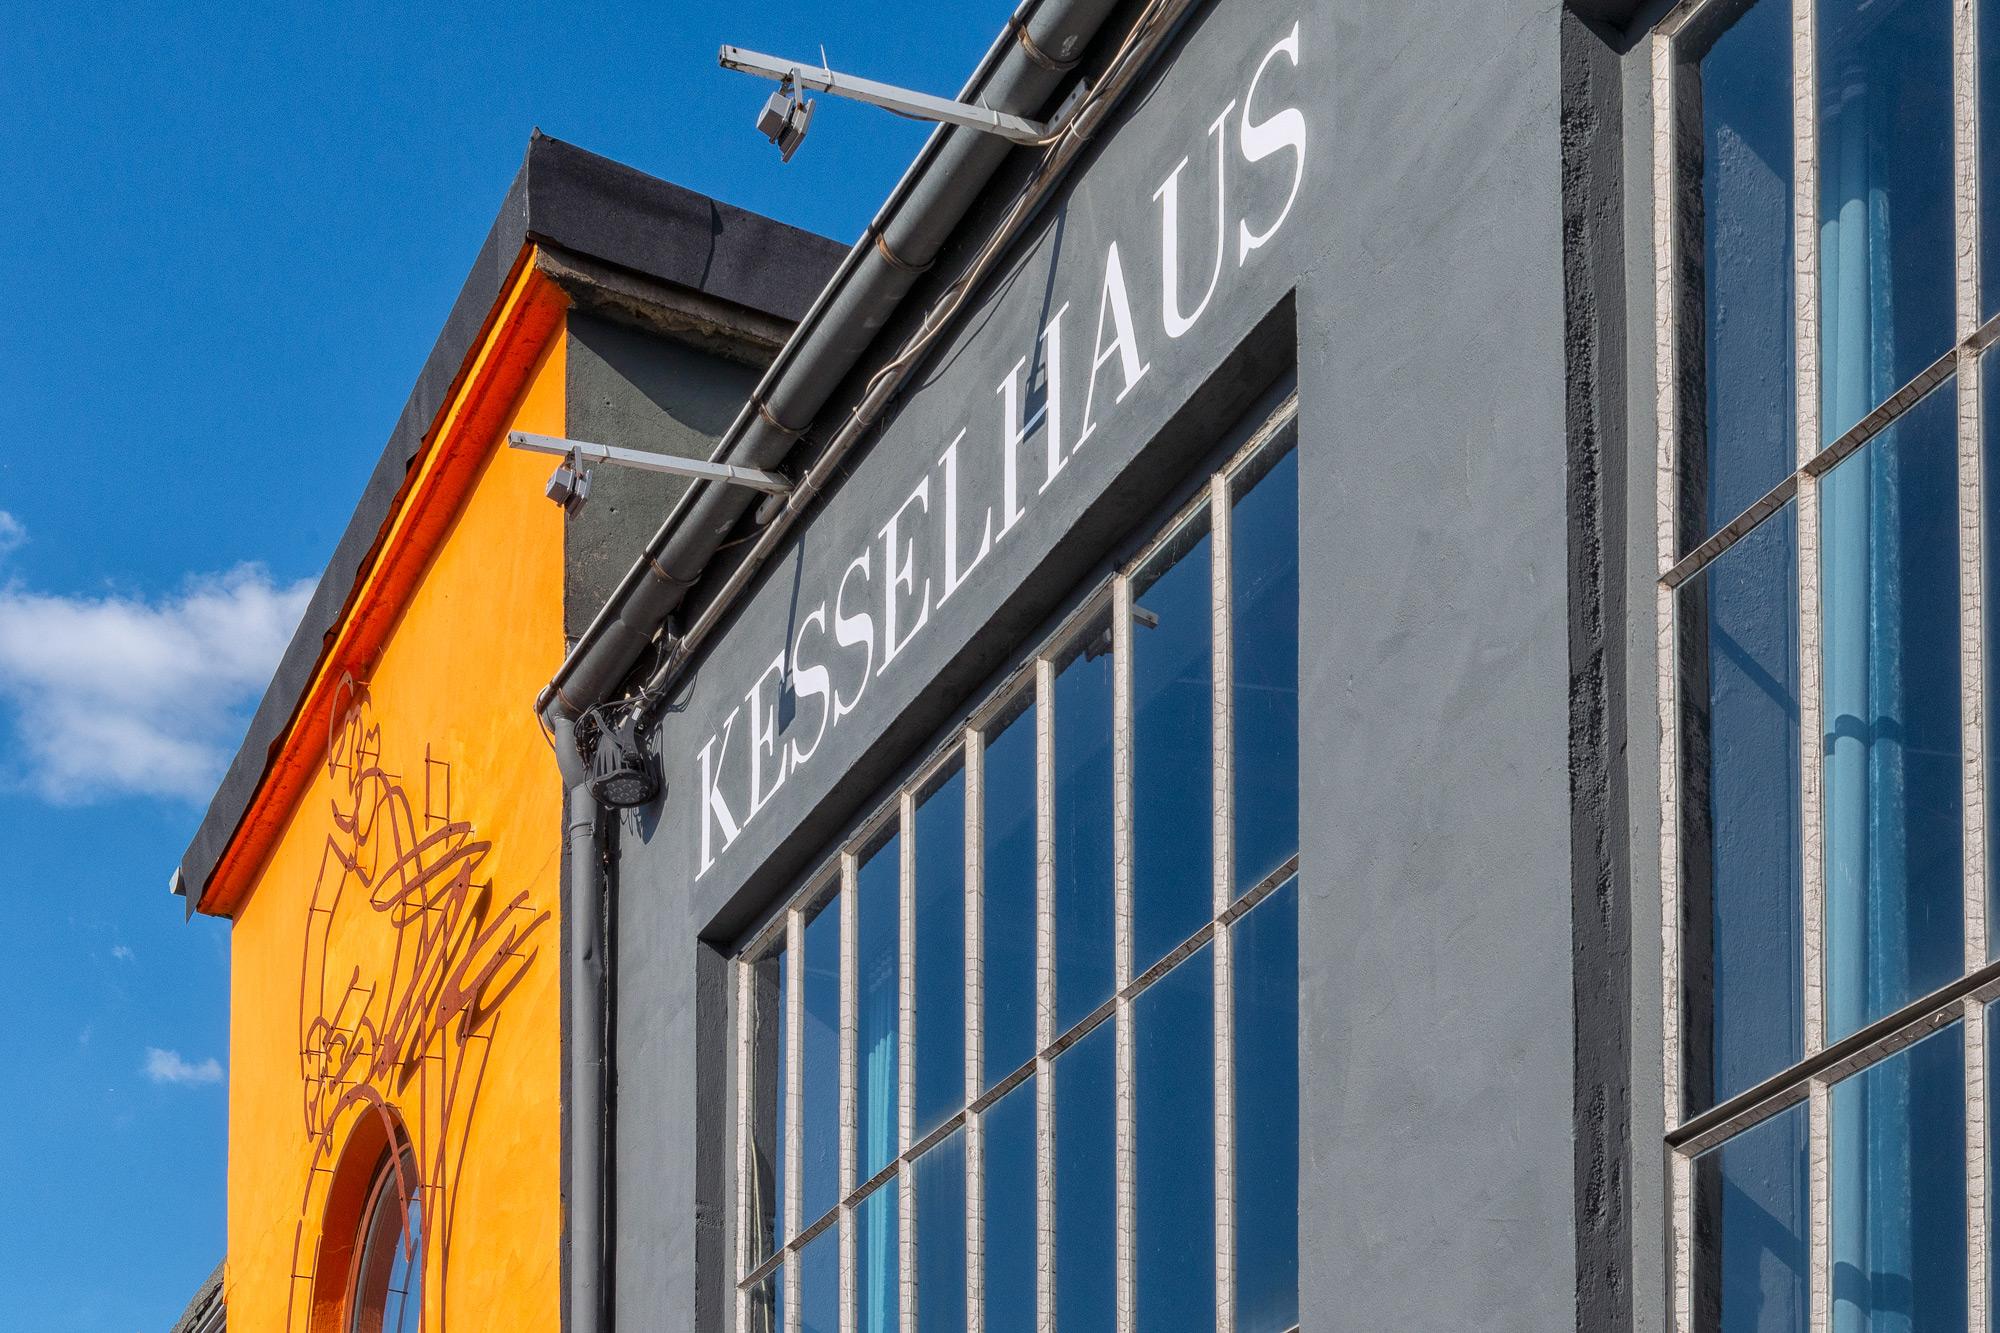 Terrasse Kesselhaus (c) Wolfgang D. Schott